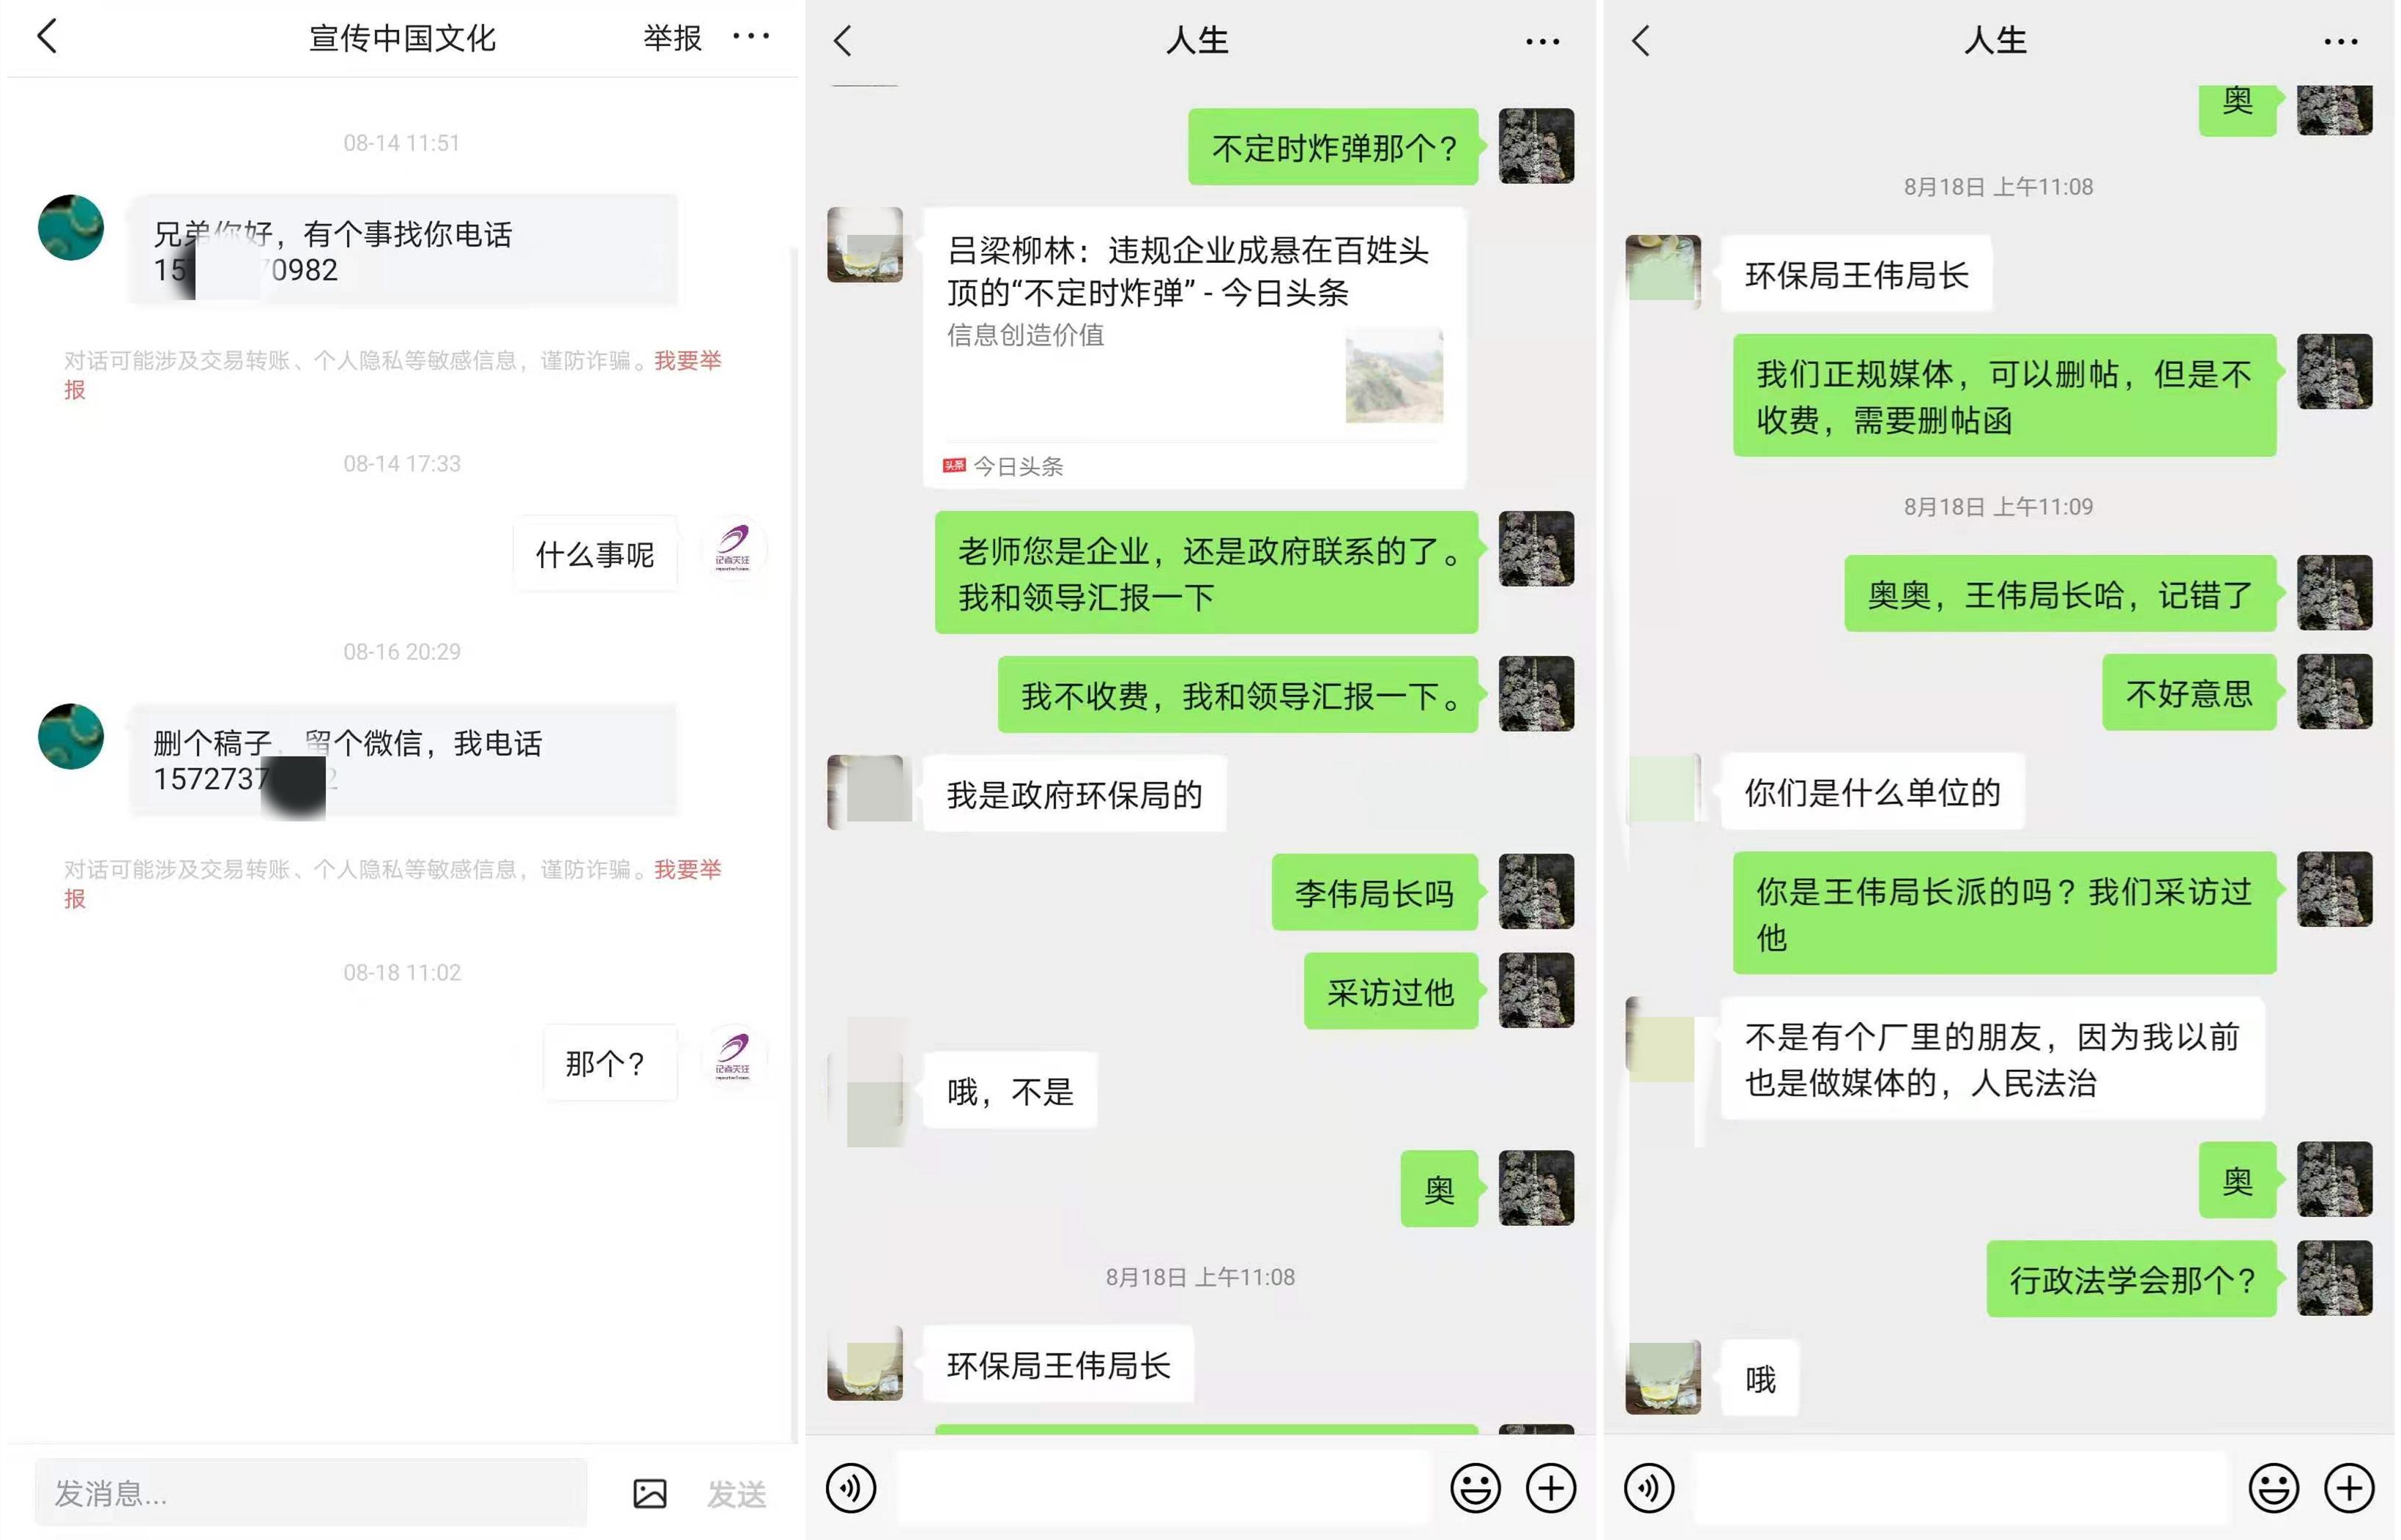 """山西柳林一违规企业成""""不倒翁""""冒充环保局删帖被拒绝"""